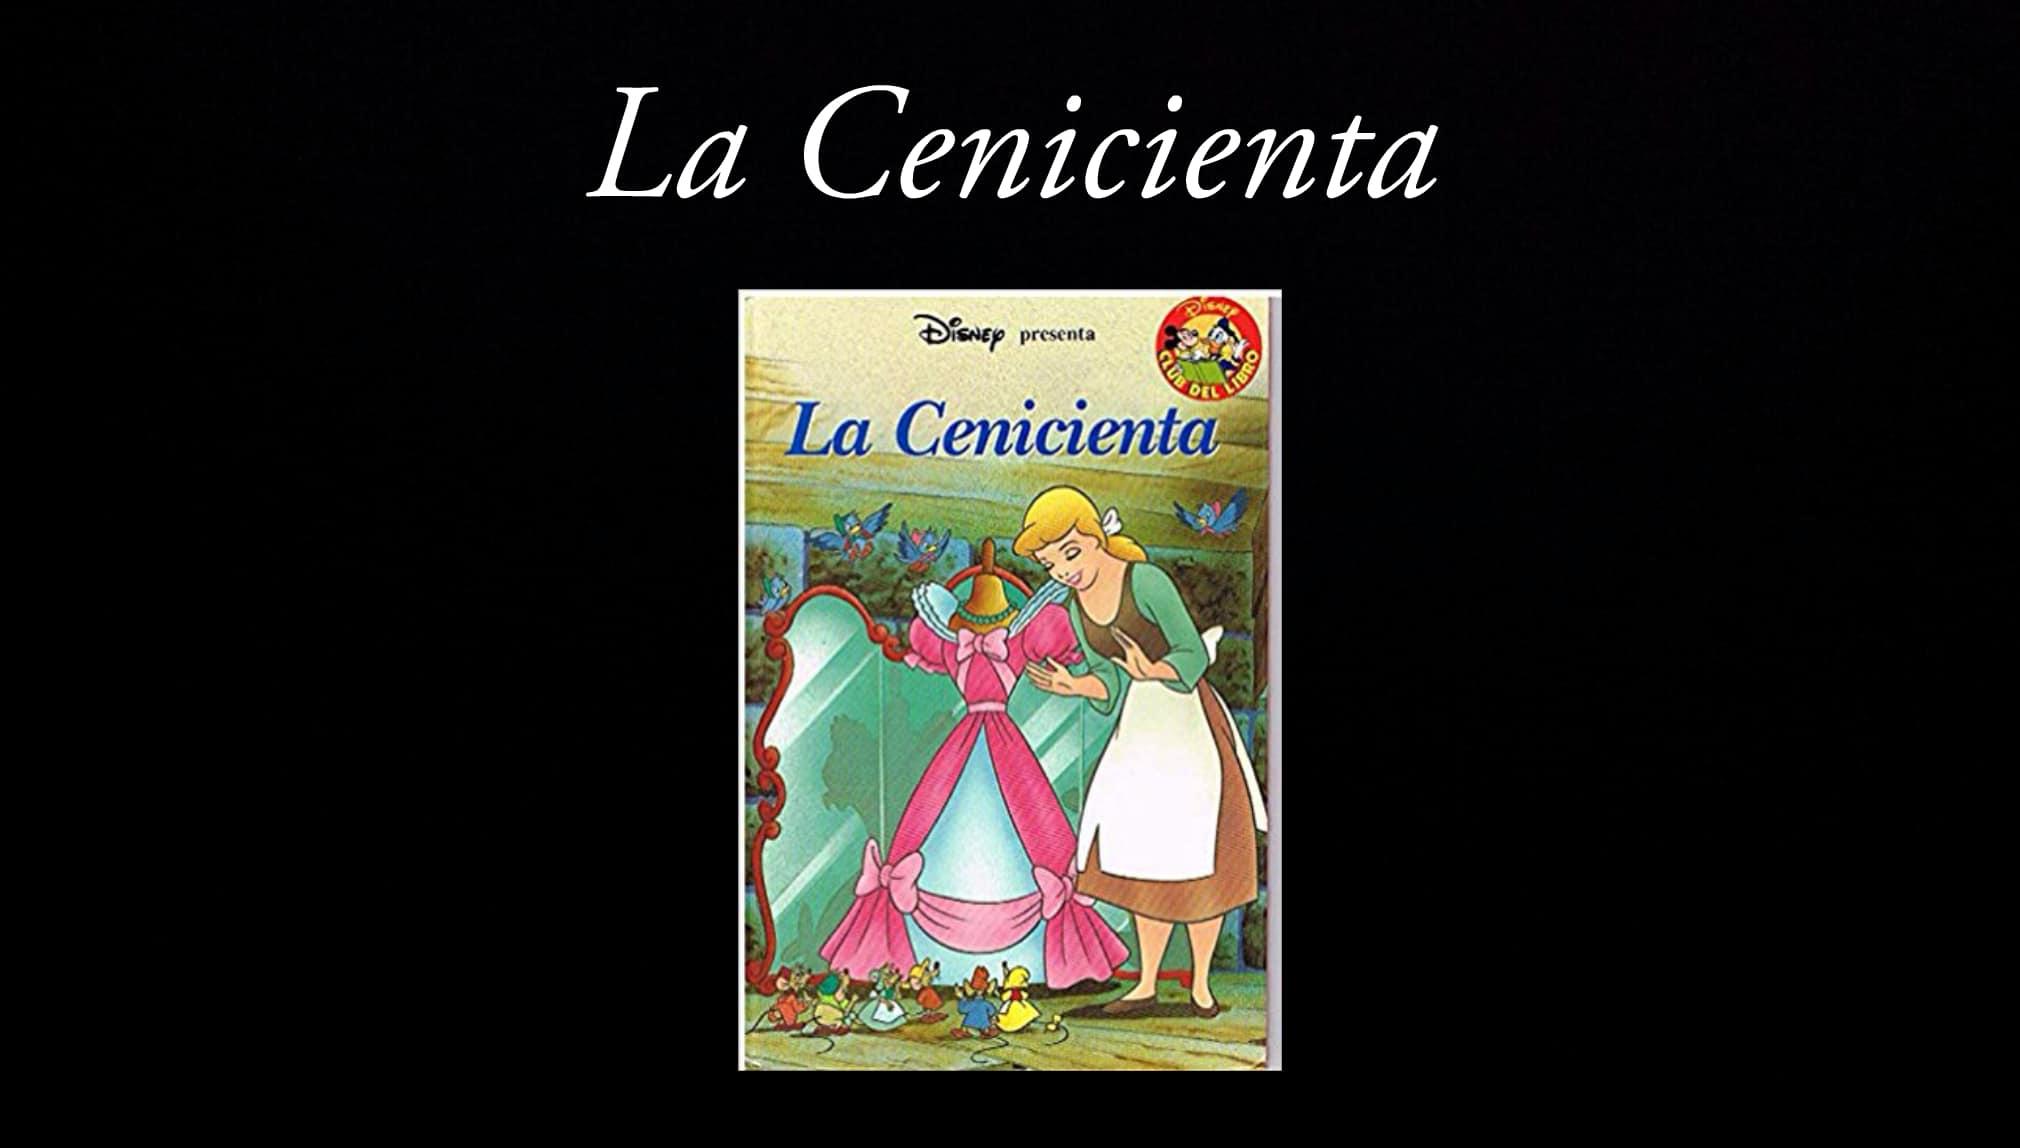 La Cenicienta.